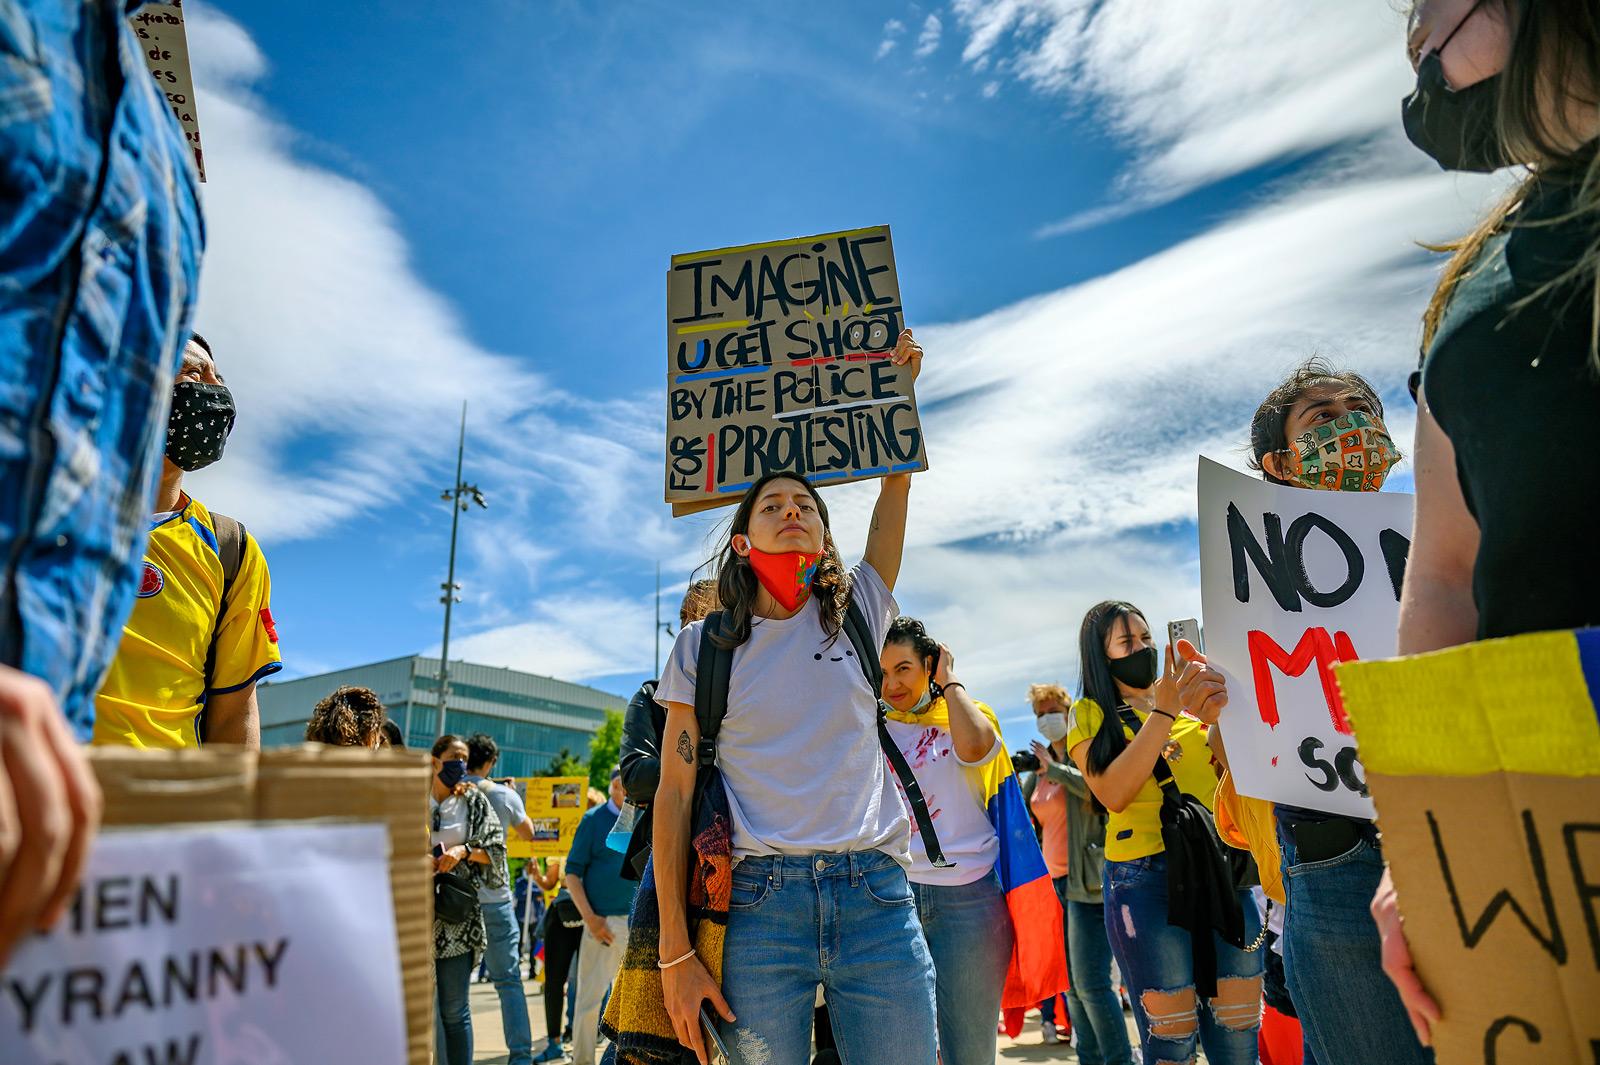 """Une manifestante tient une pancarte """"Imagine U get shot by the police for protesting"""" lors de la manifesation de soutien au peuple colombien, Genève, 8 mai 2021"""